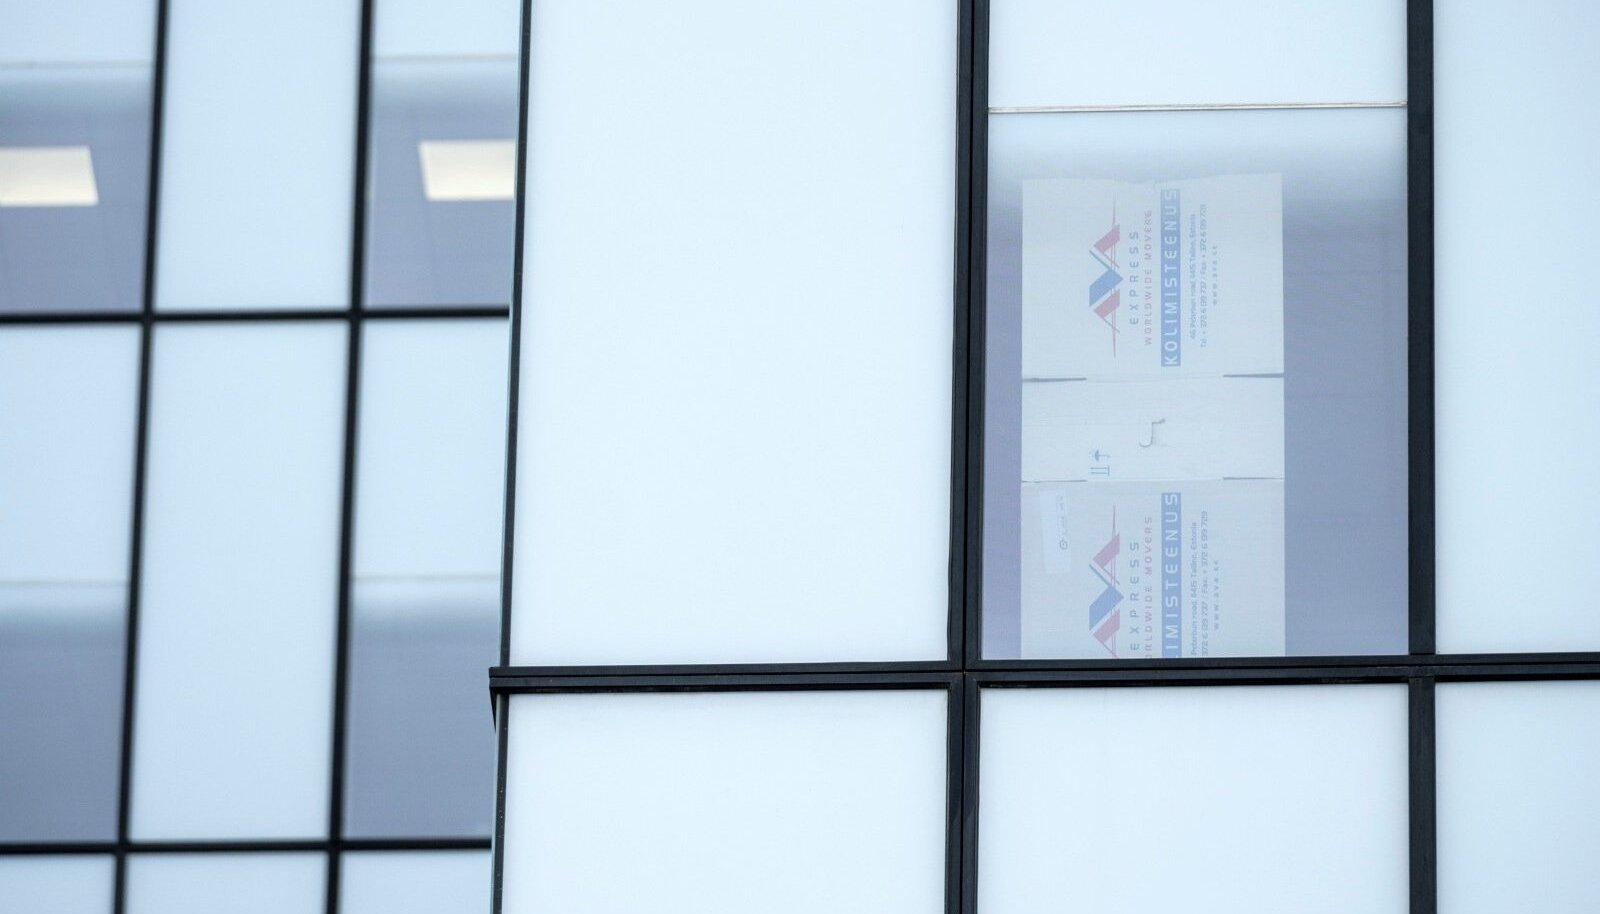 Urmas Reinsalu kabinet. Ruloo puudumise tõttu on justiitsminister akende ette kleepinud kolimiskastide papitükid.